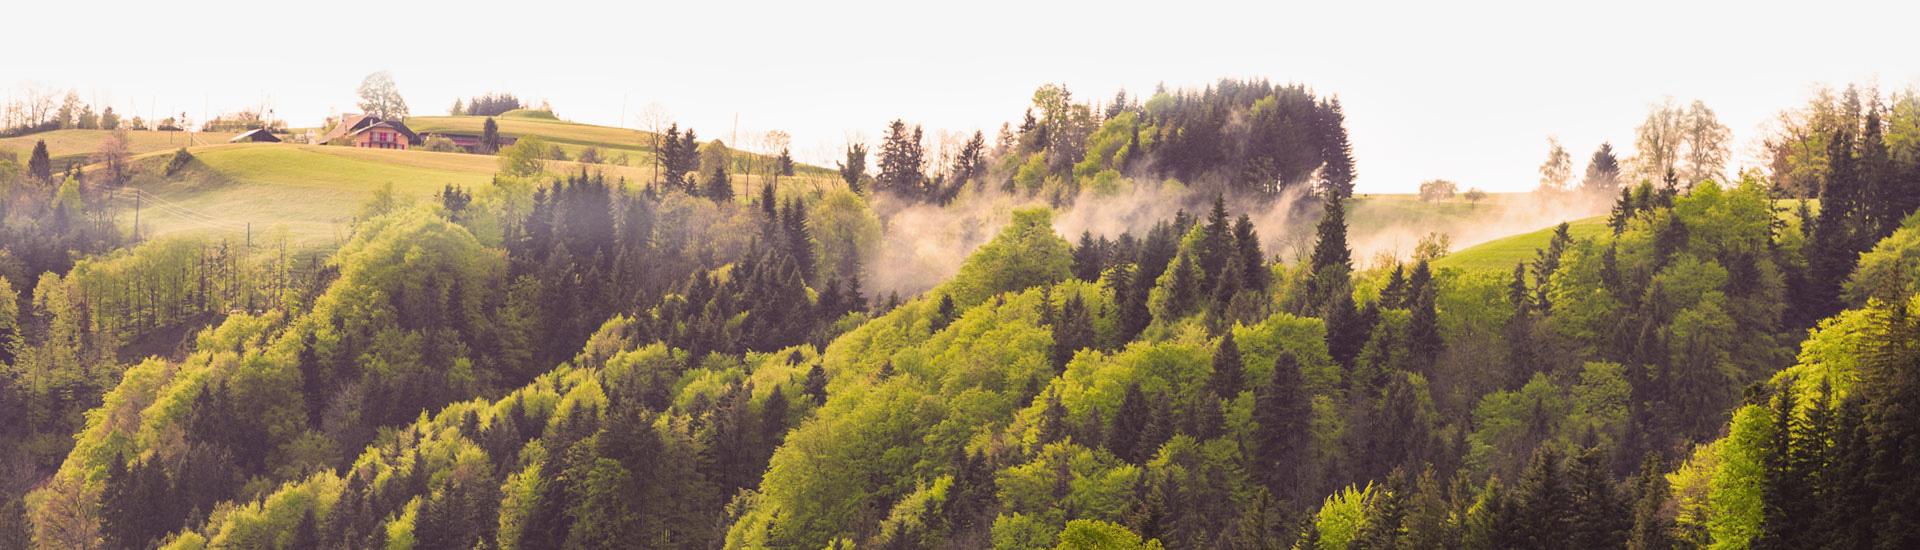 Arc Arboricultural Solutions